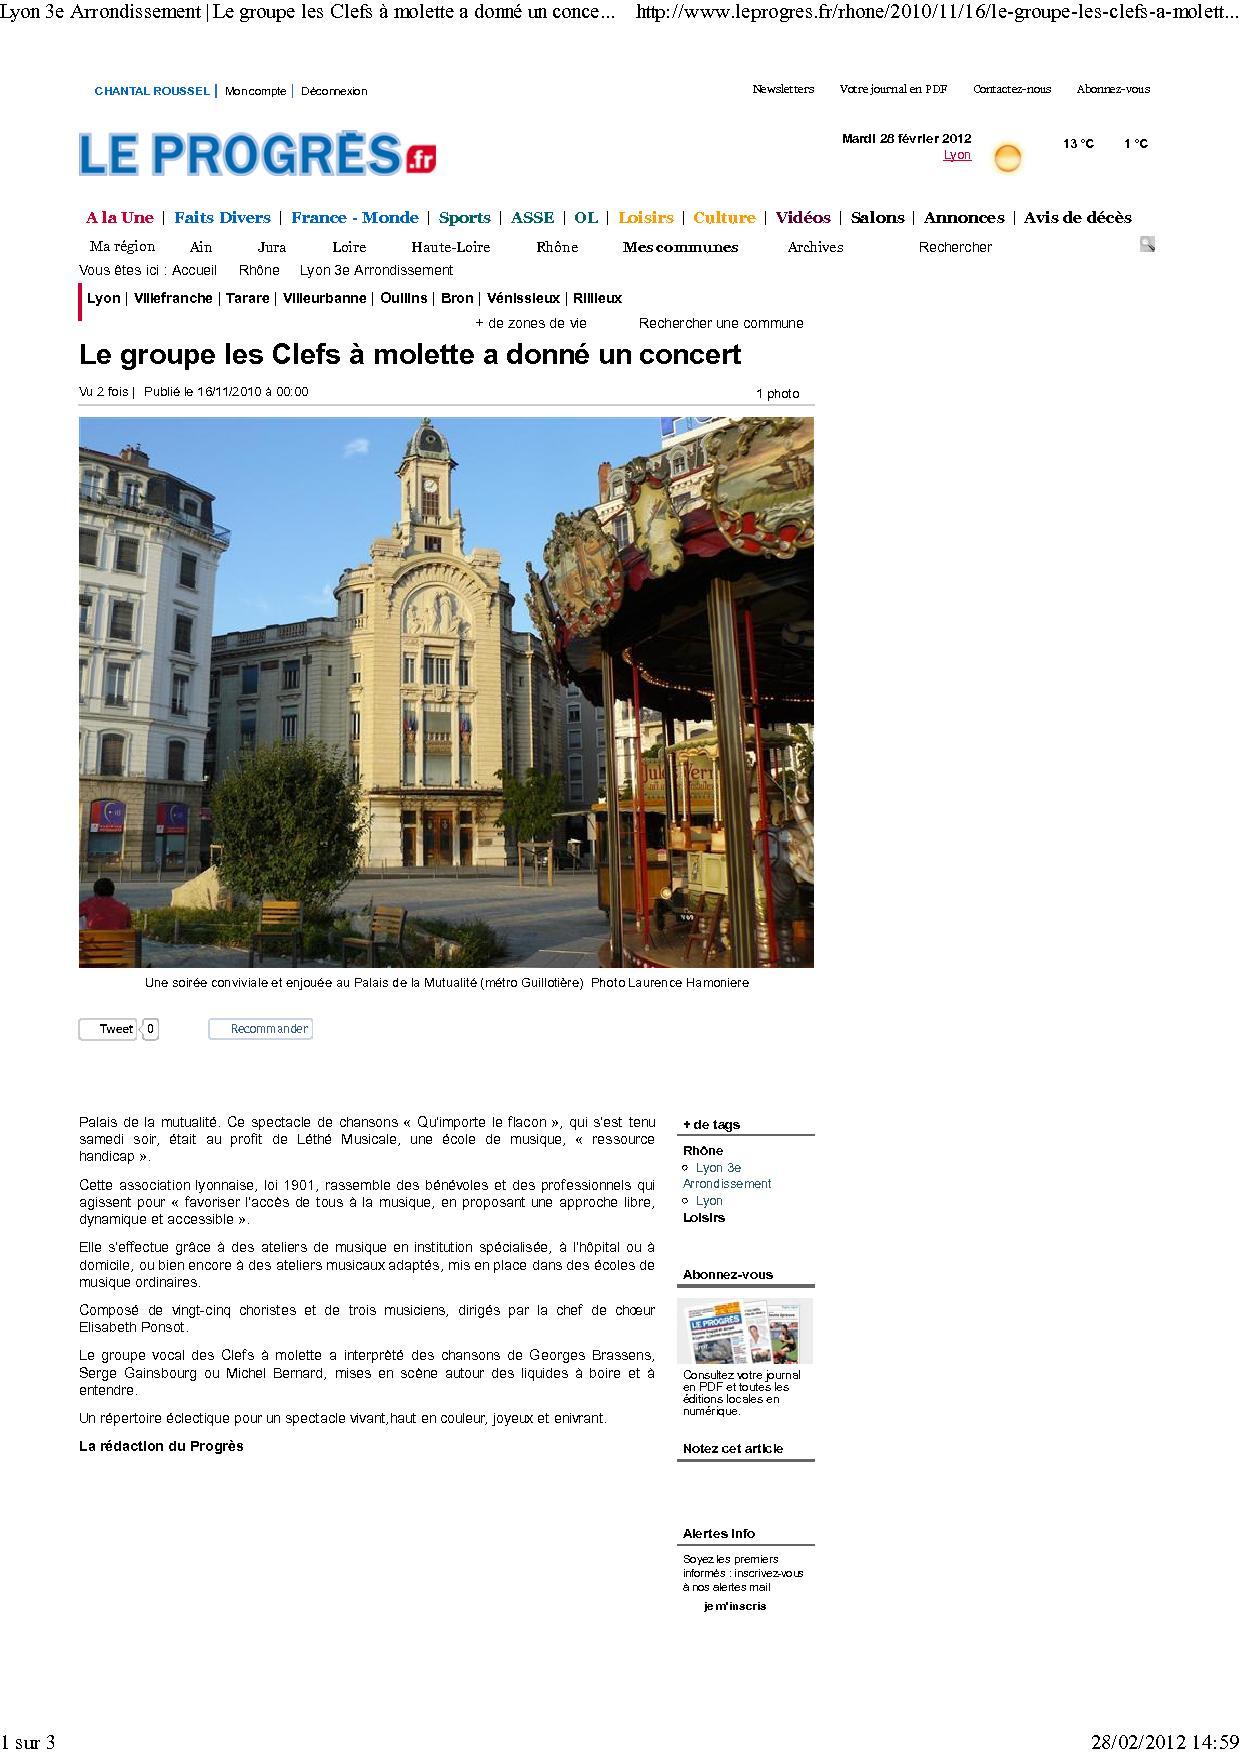 2010_11_16_Le_groupe_les_Clefs_a_molette_a_donne_un_concert.jpg